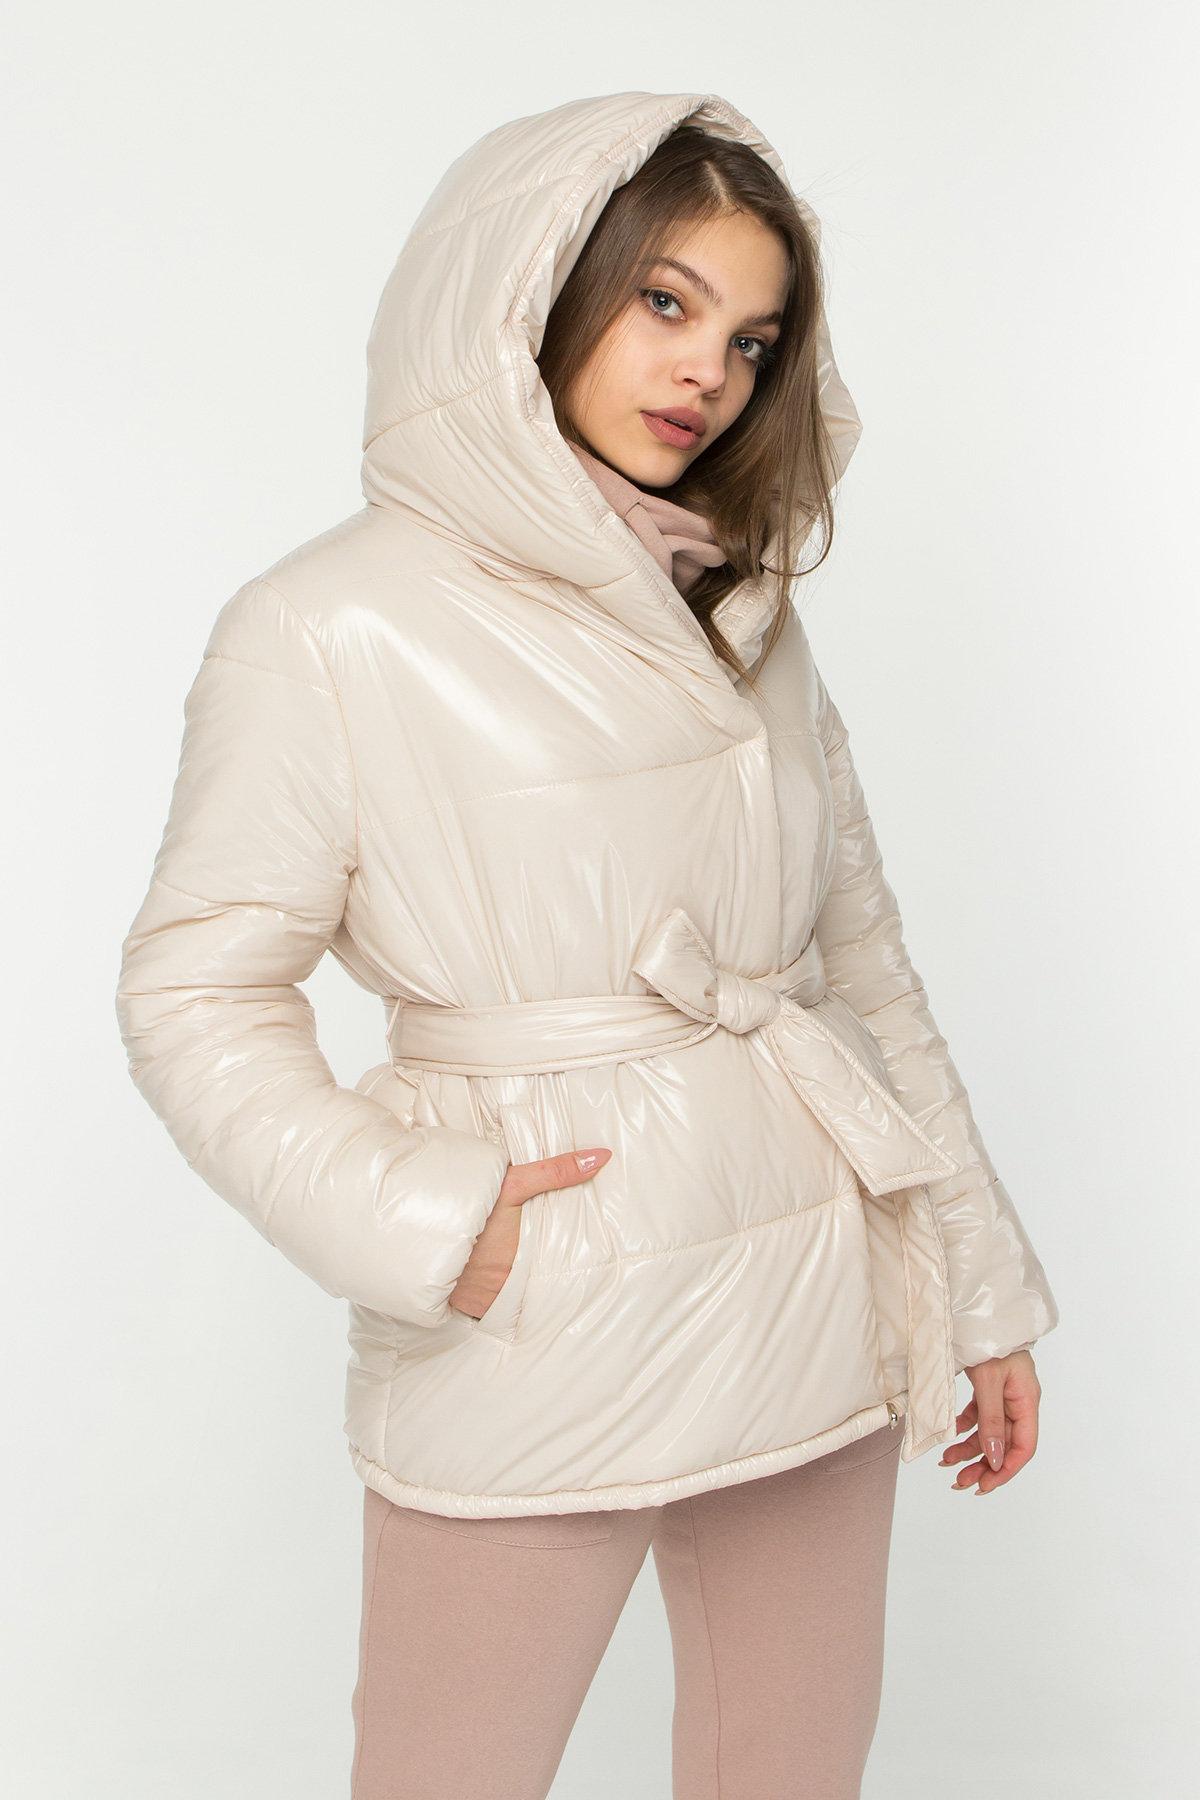 Лаковая куртка пуховик с поясом Бумер 8696 АРТ. 45156 Цвет: светло бежевый - фото 4, интернет магазин tm-modus.ru